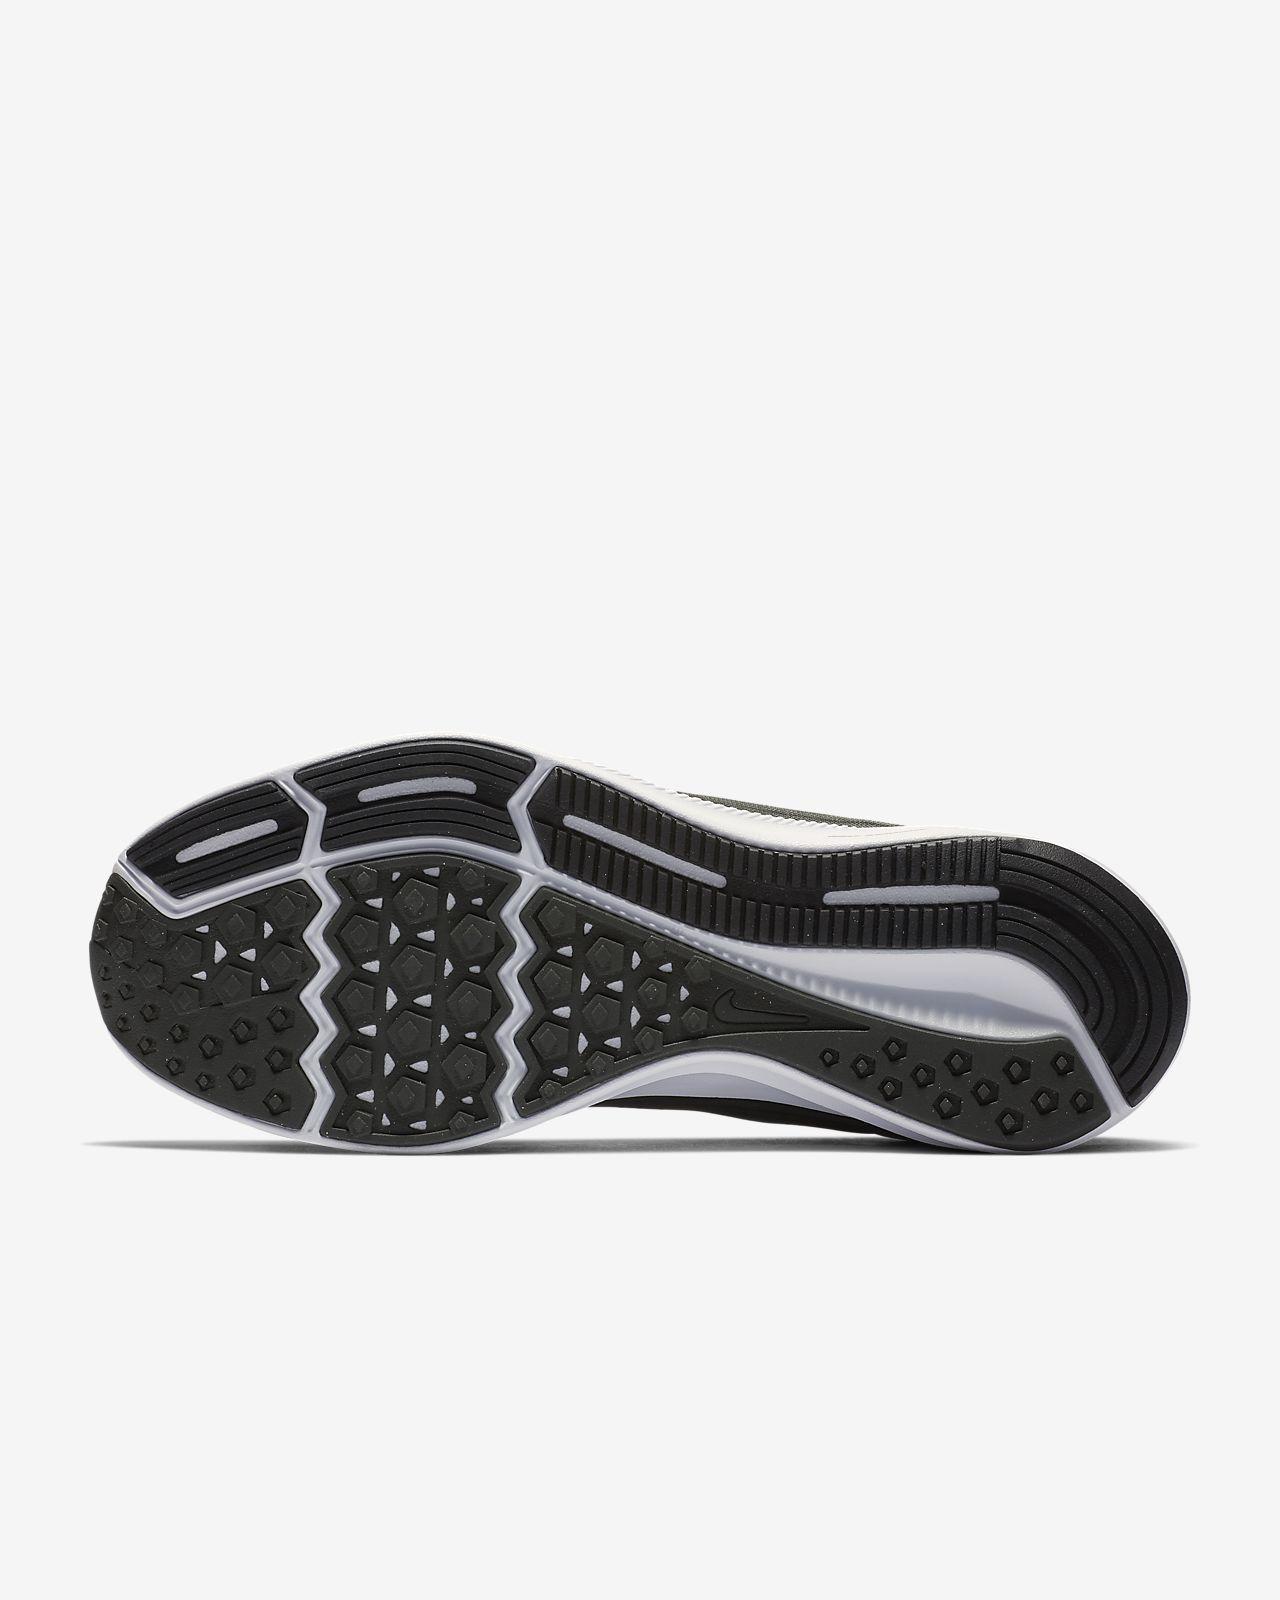 68276618d3d Nike Downshifter 8 Men s Running Shoe. Nike.com ZA